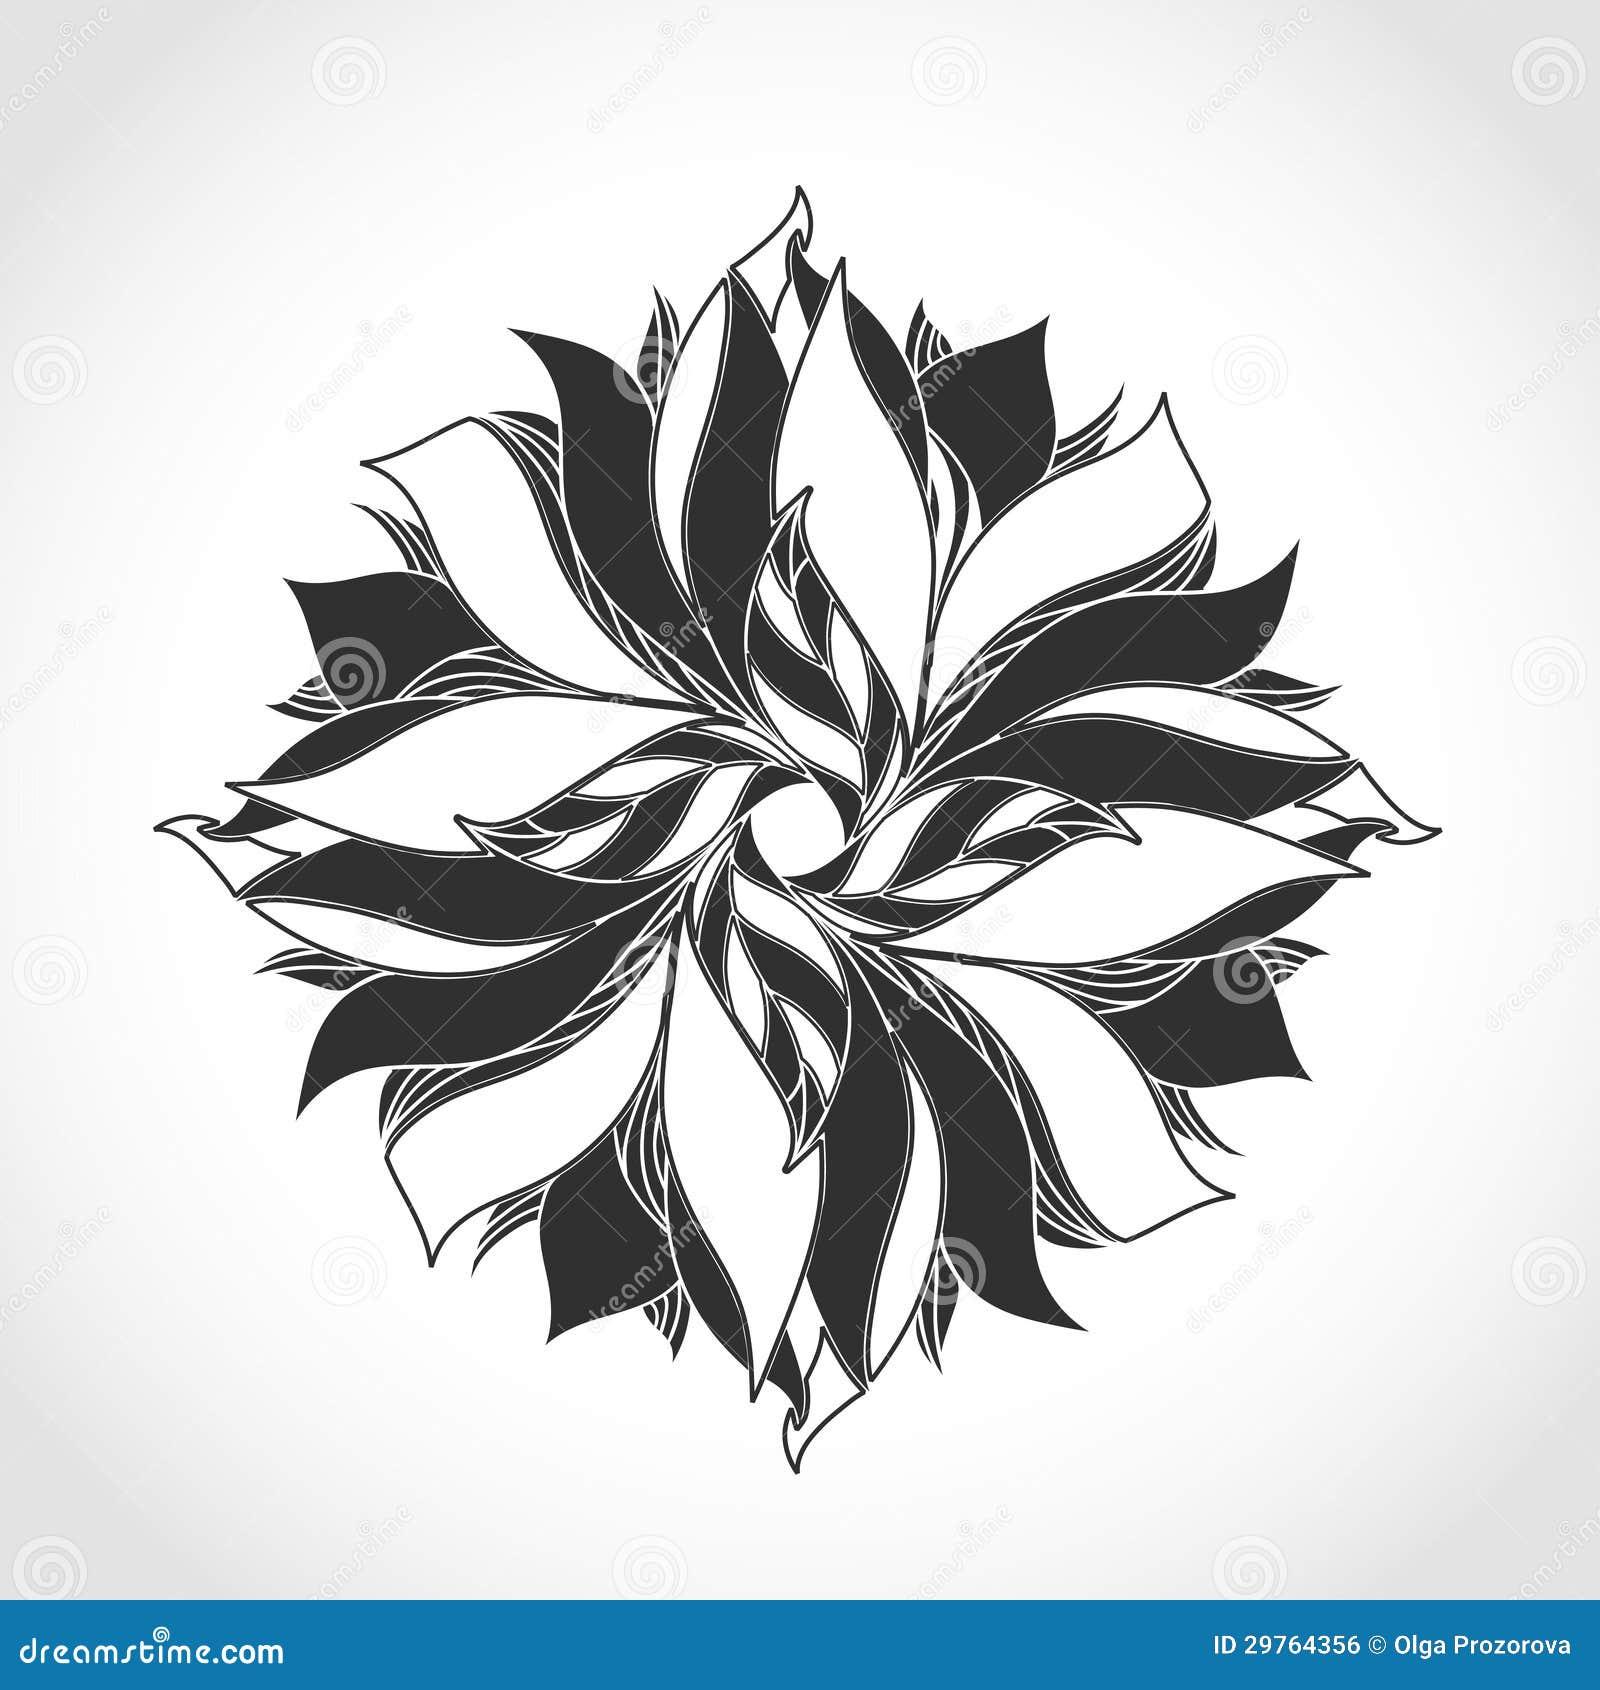 Fleur d 39 imagination mod le noir et blanc de tatouage image libre de droits image 29764356 - Coussin ethnique noir et blanc ...